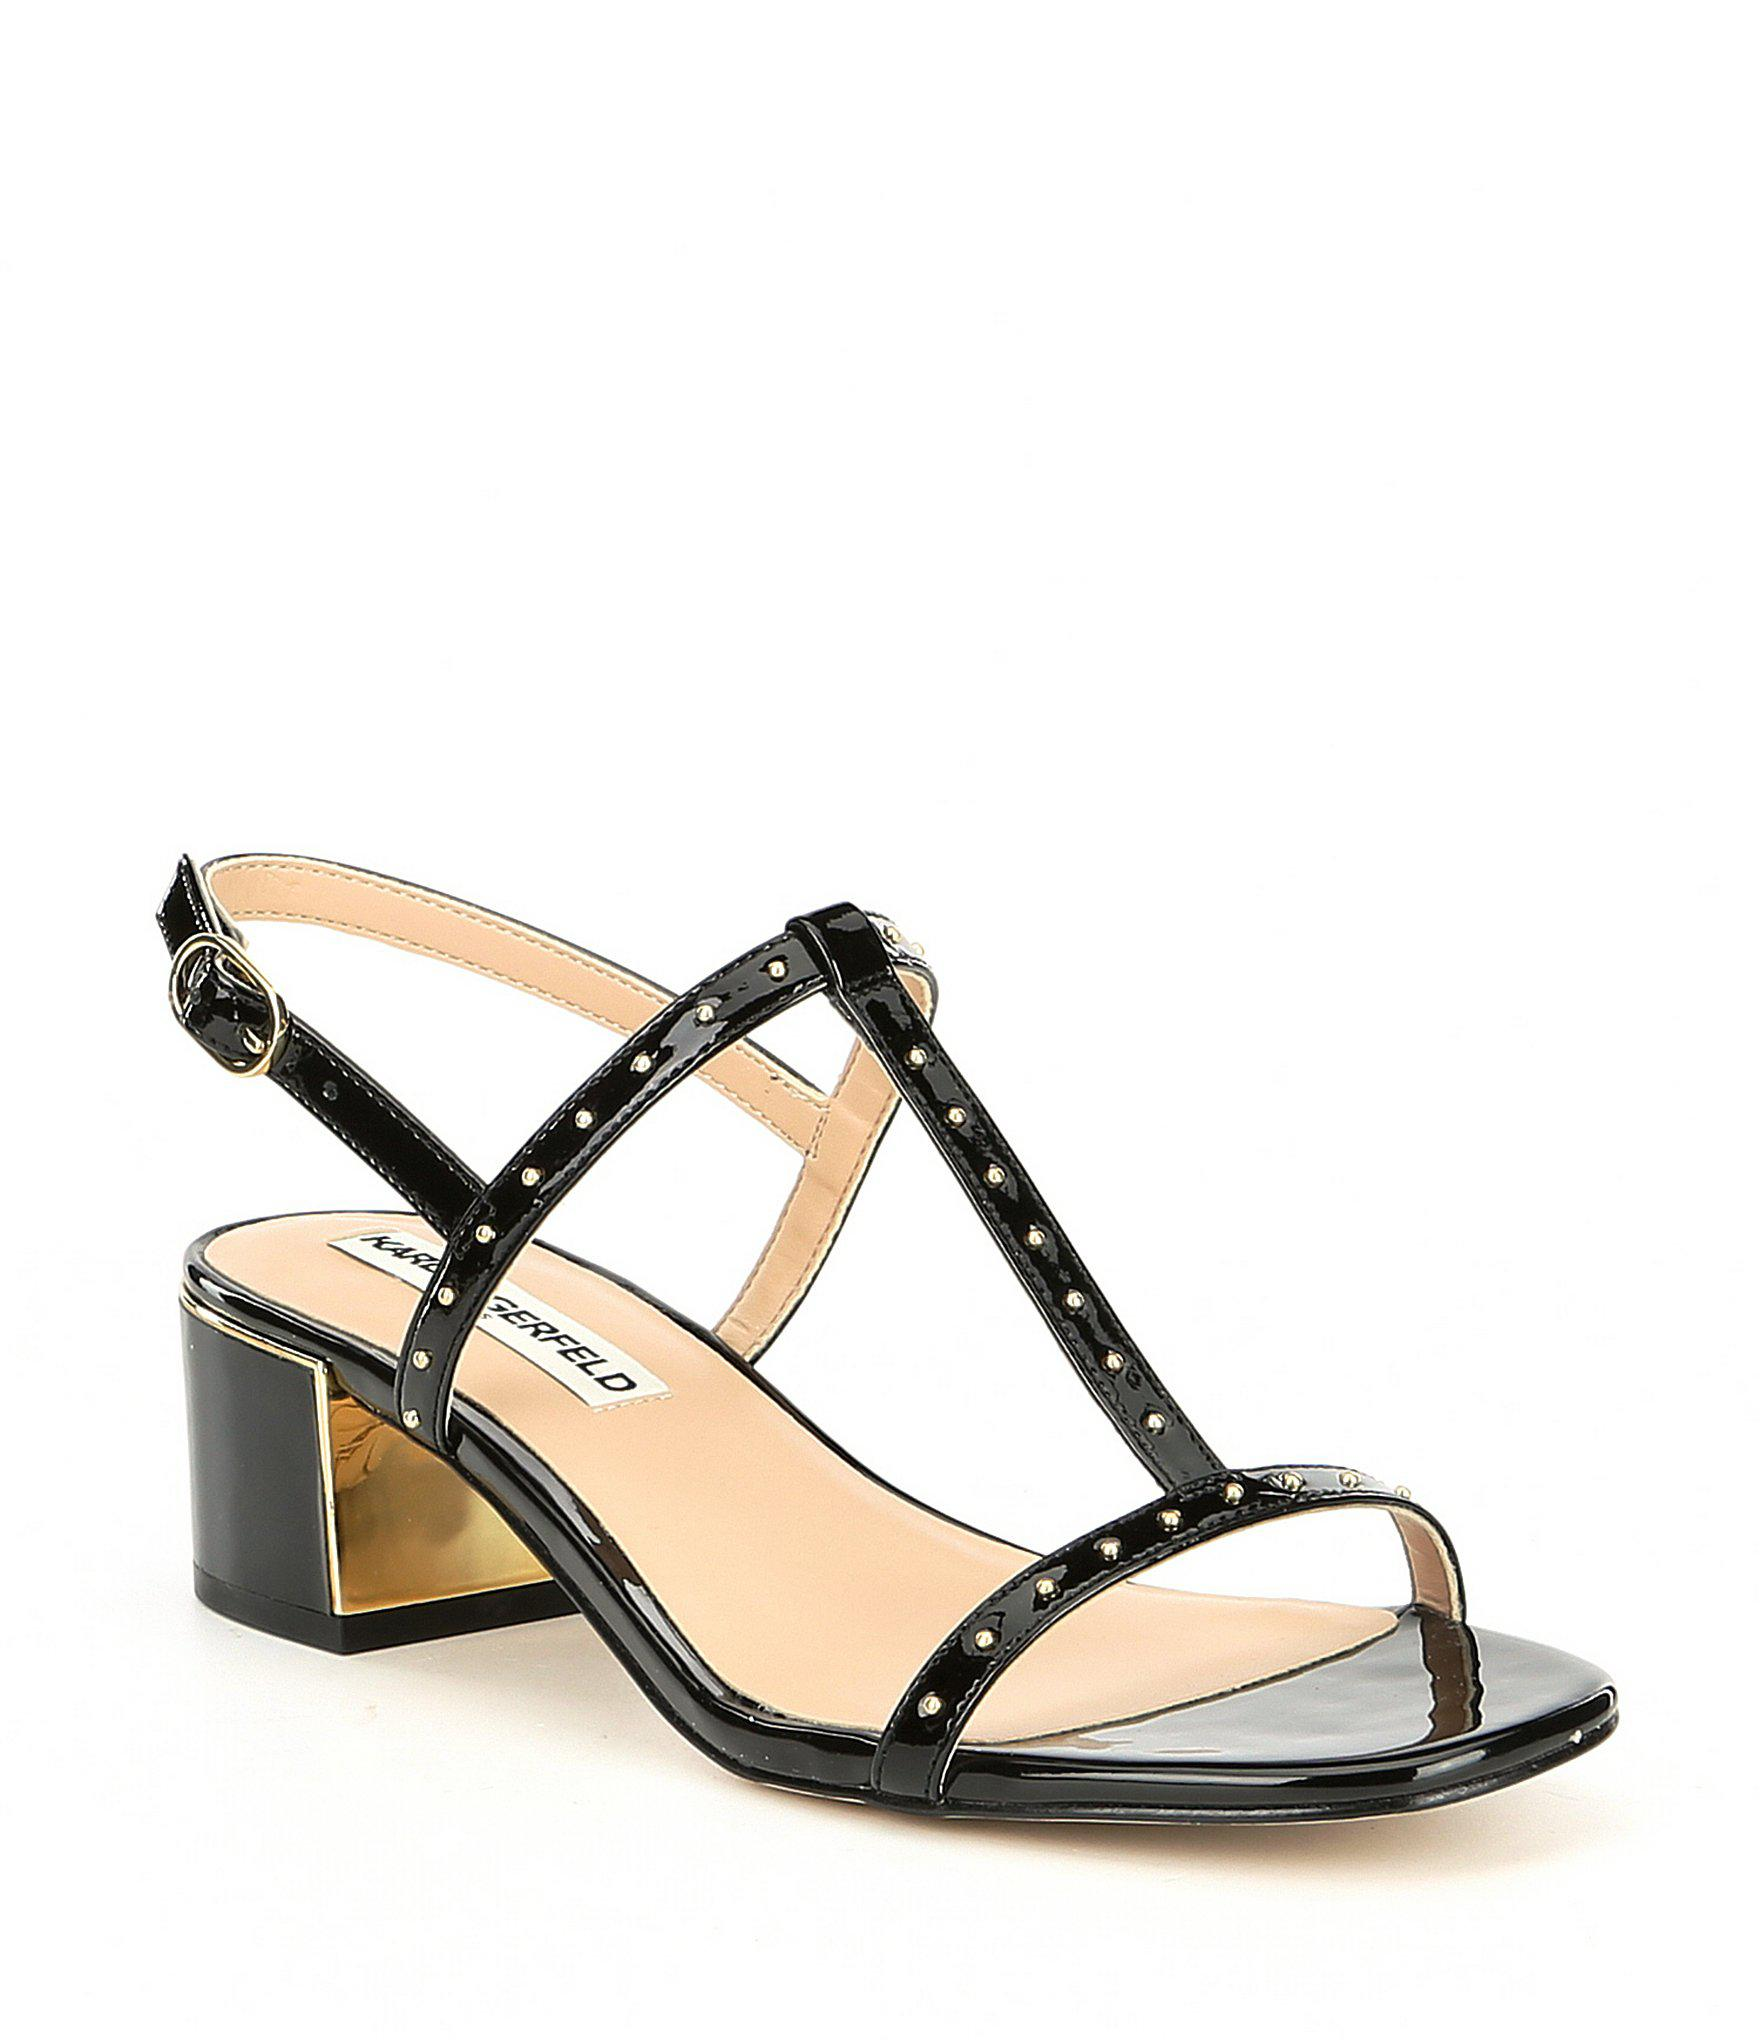 1f408d5368a Lyst - Karl Lagerfeld Tineet Patent Leather Studded Block Heel Dress ...